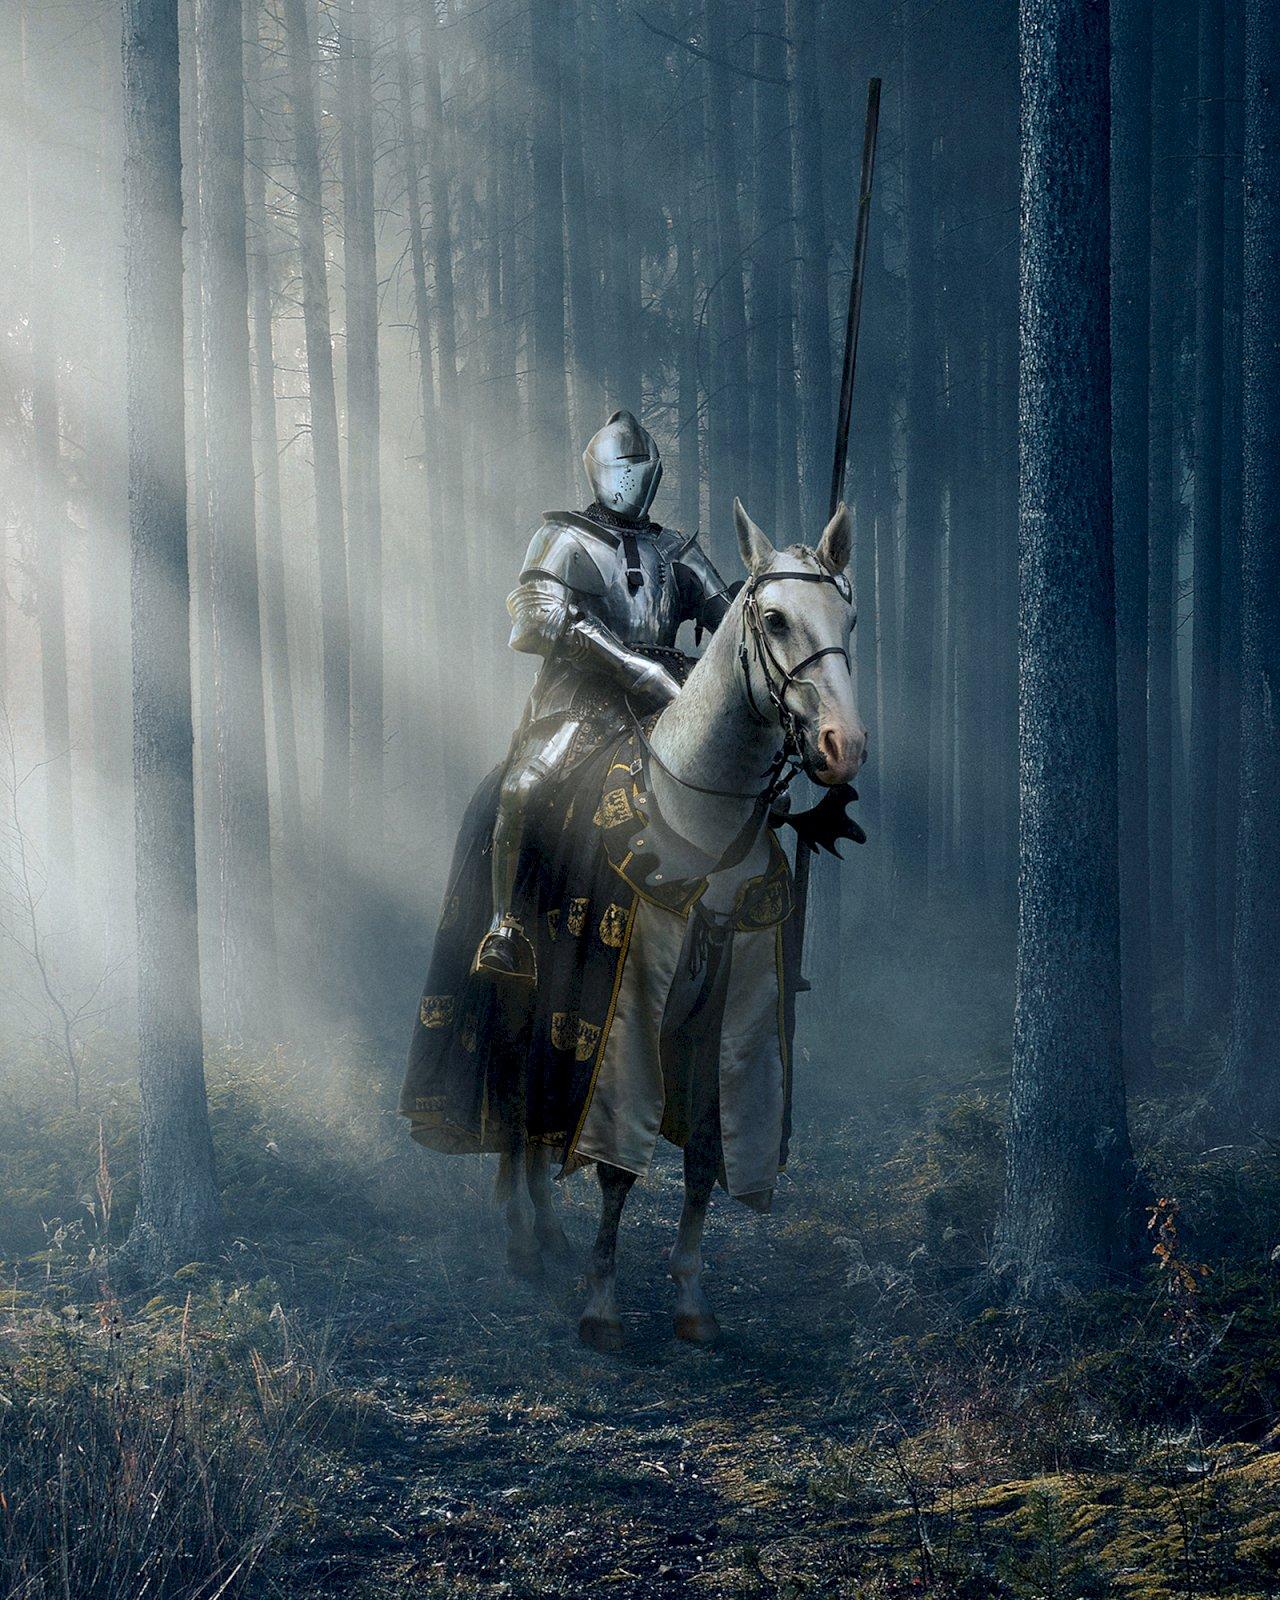 Kuvitettu ritari valkean hevosen selässä hämärässä metsässä.